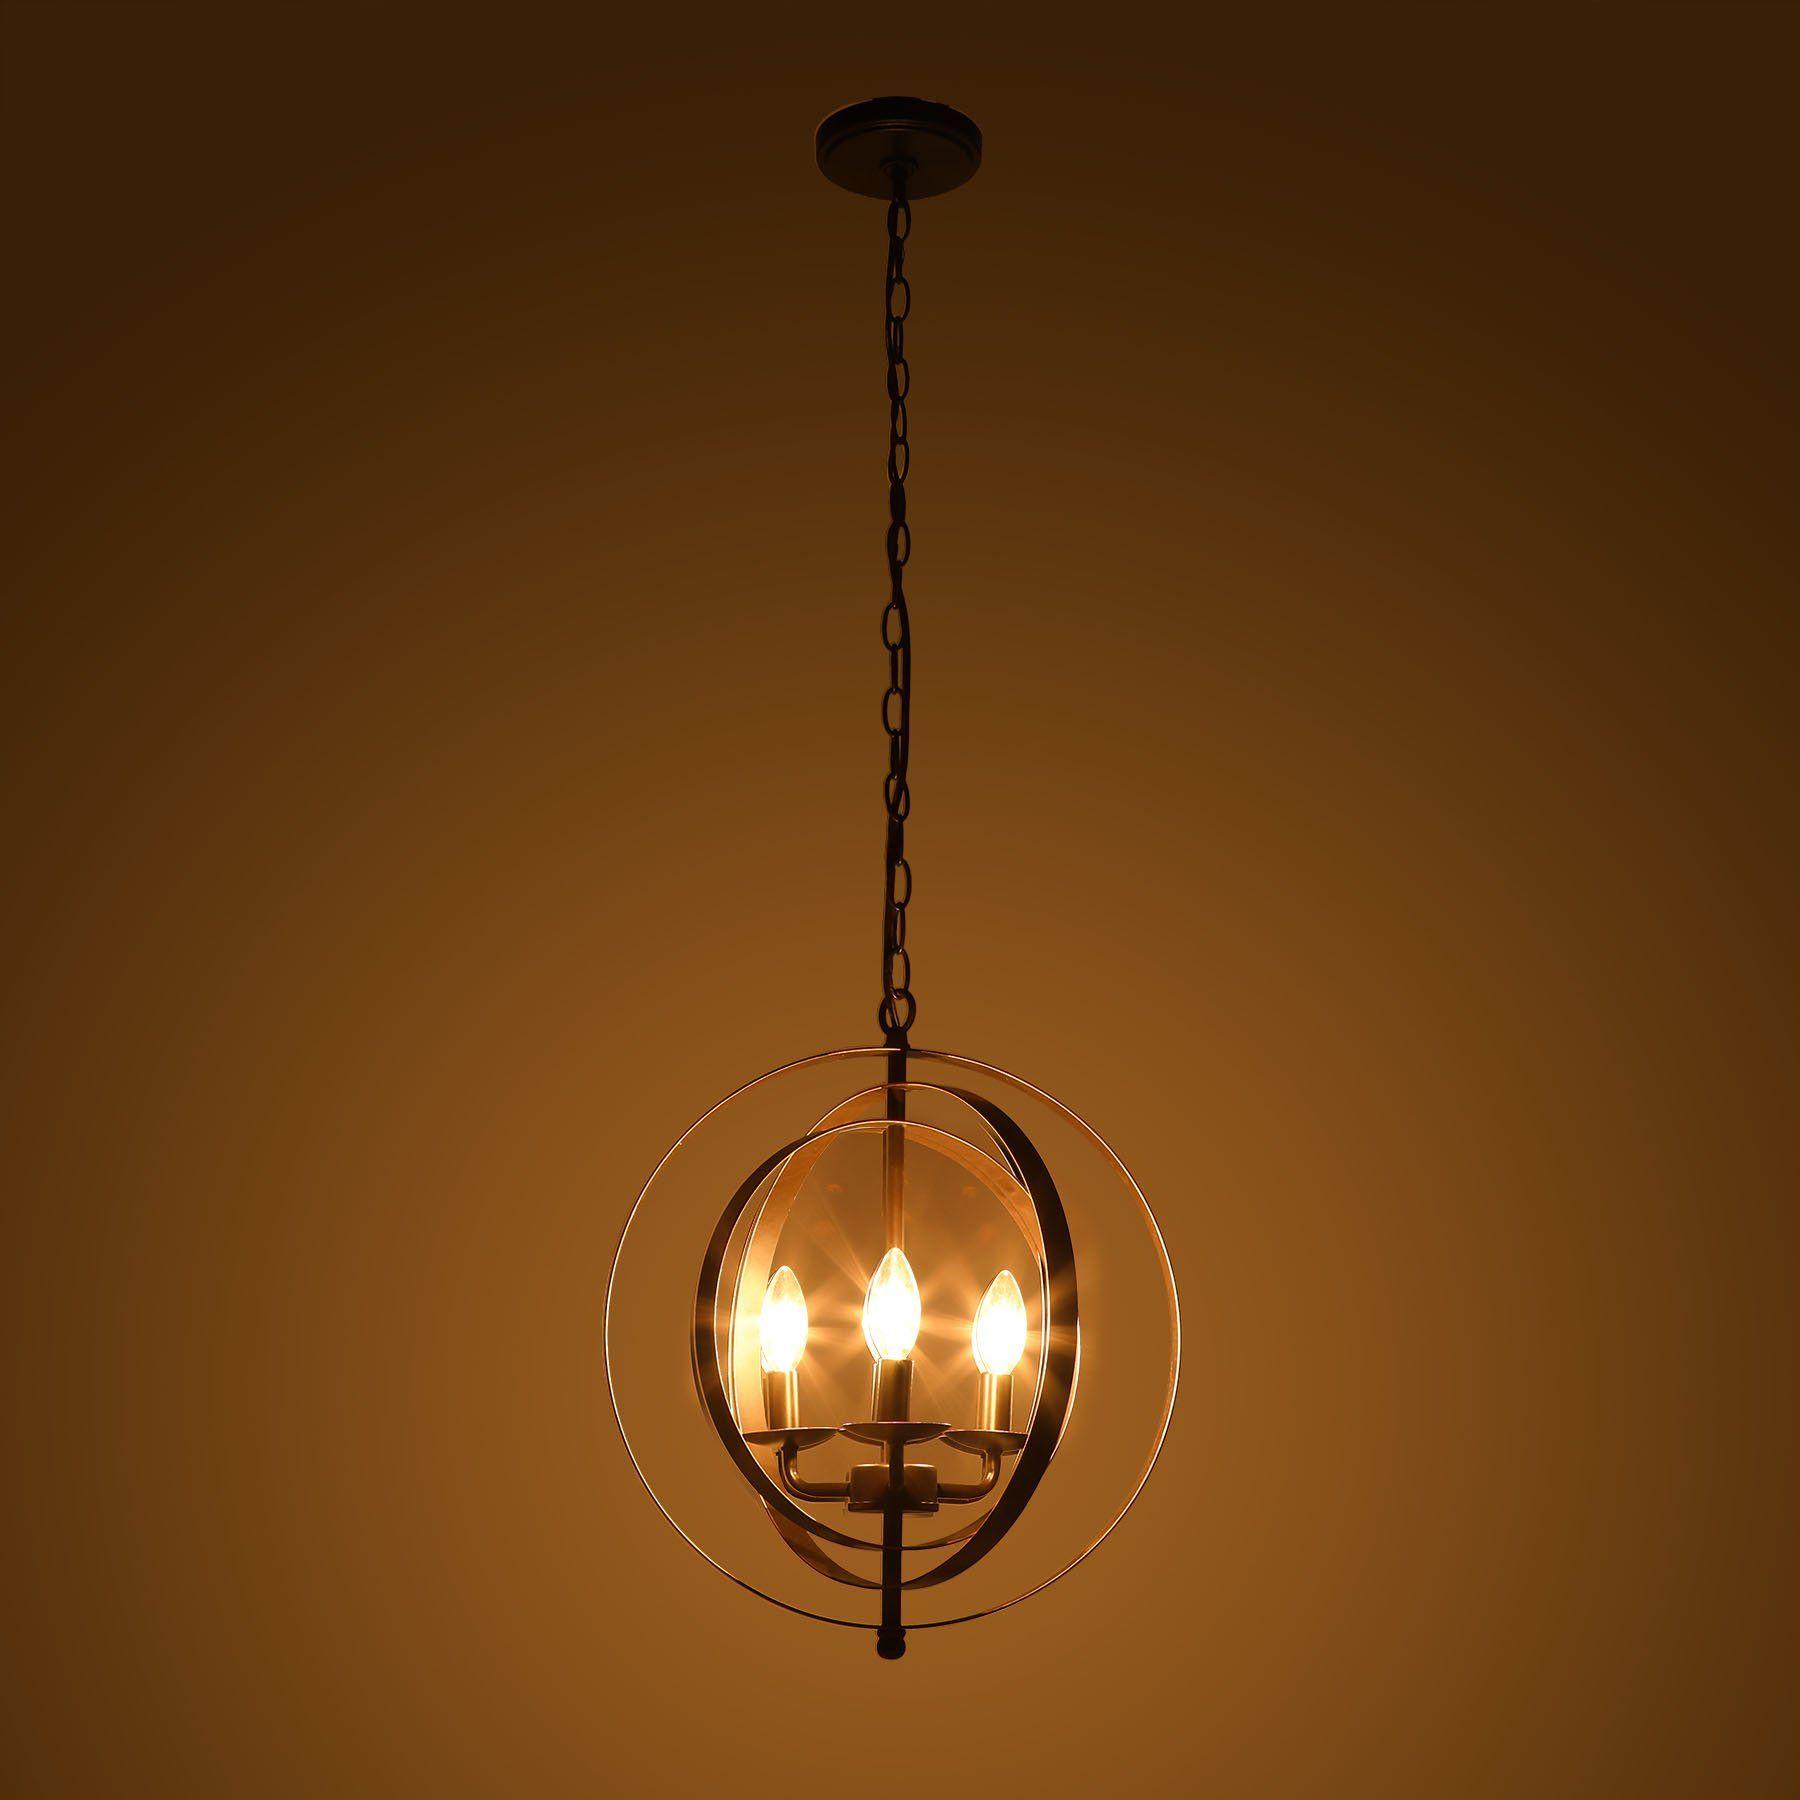 Coz antique bronze light industrial chandelier rustic sphere